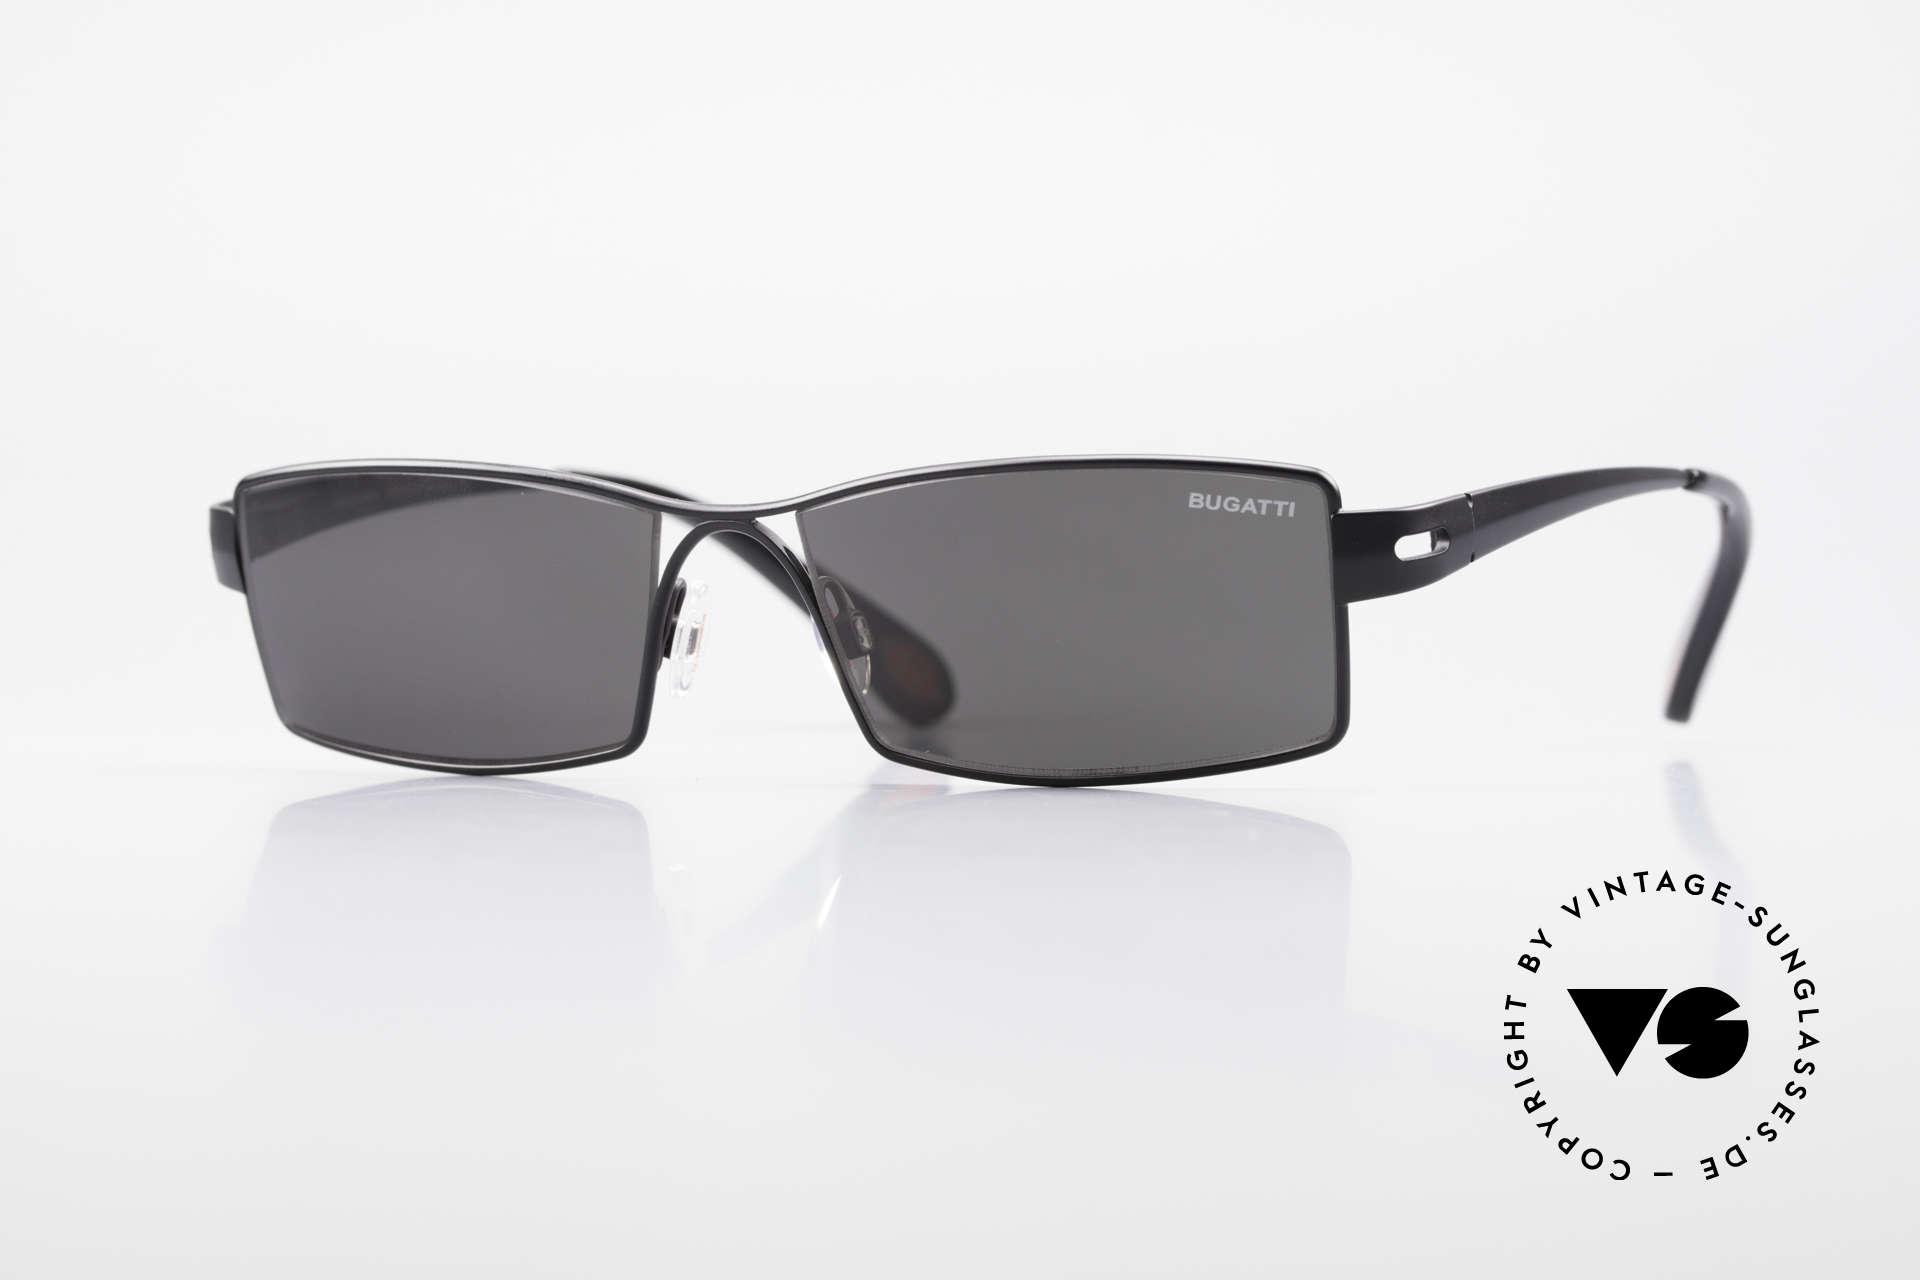 Bugatti 499 Rare XL Designersonnenbrille, markante high-tech Sonnenbrille von BUGATTI, Passend für Herren